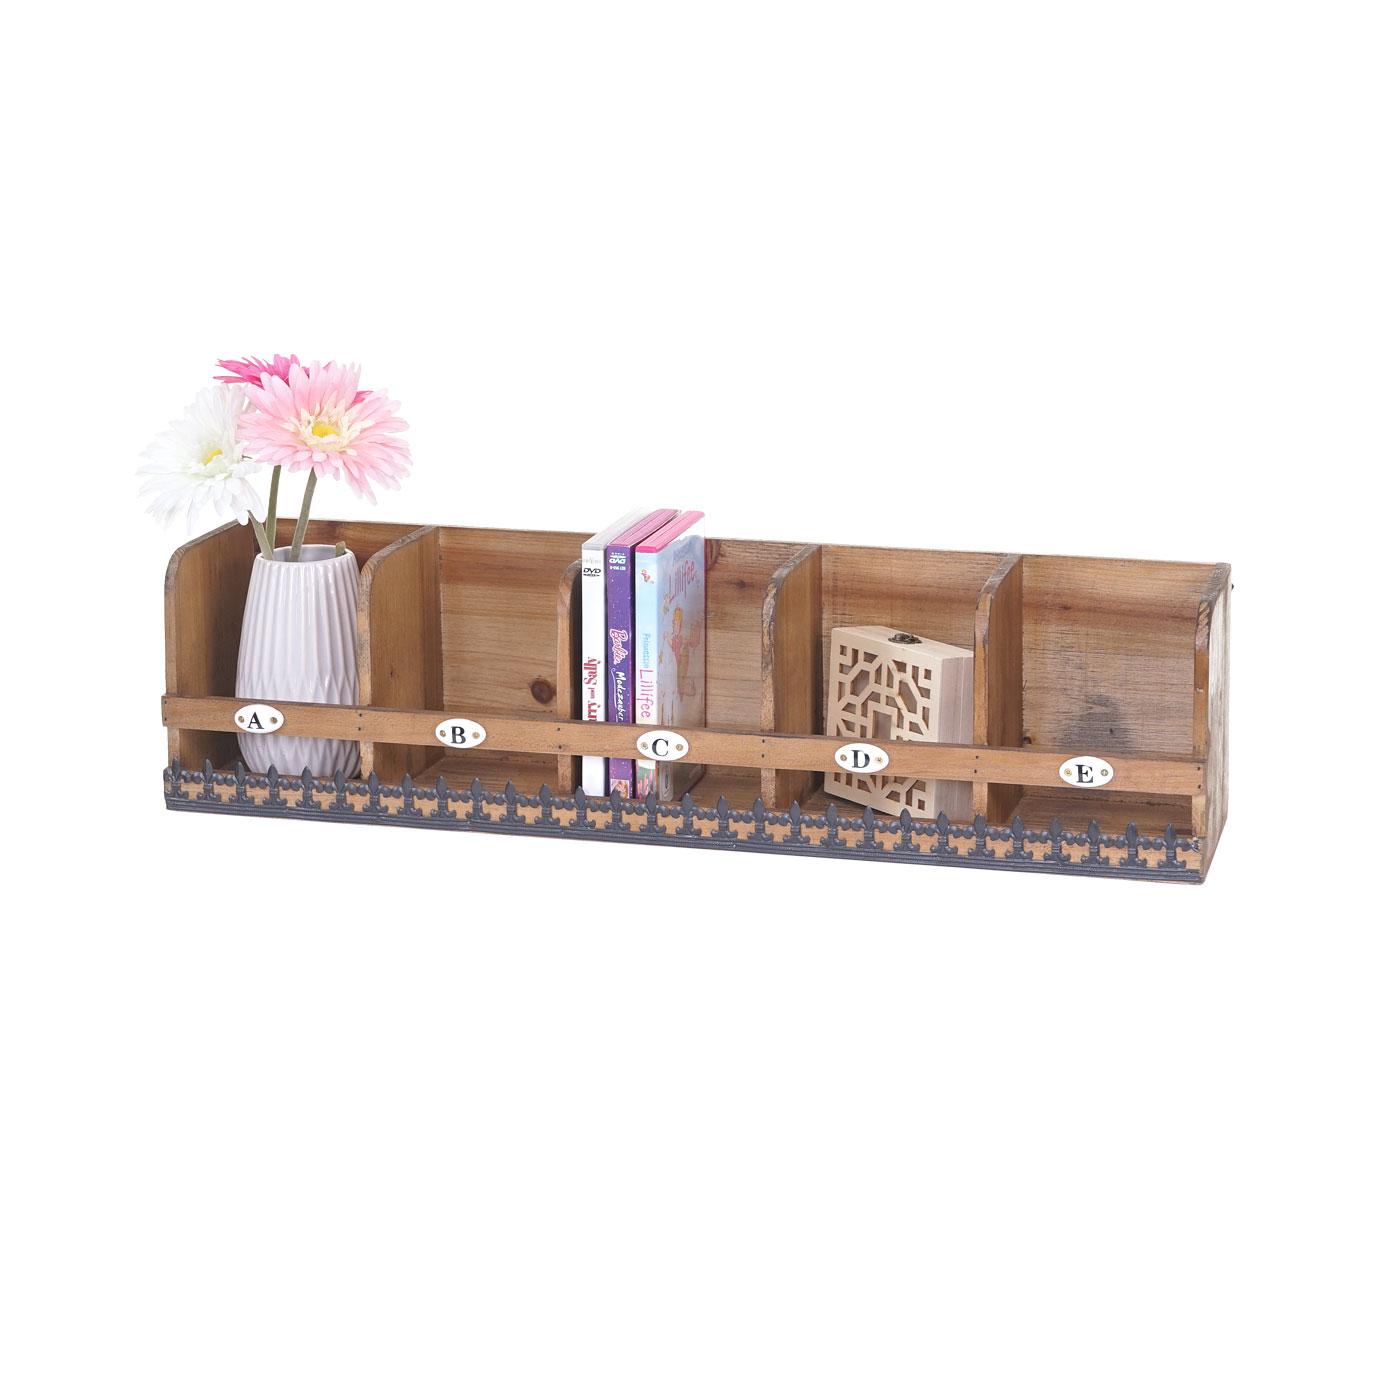 wandregal hwc a43 h ngeregal regal tanne holz massiv. Black Bedroom Furniture Sets. Home Design Ideas